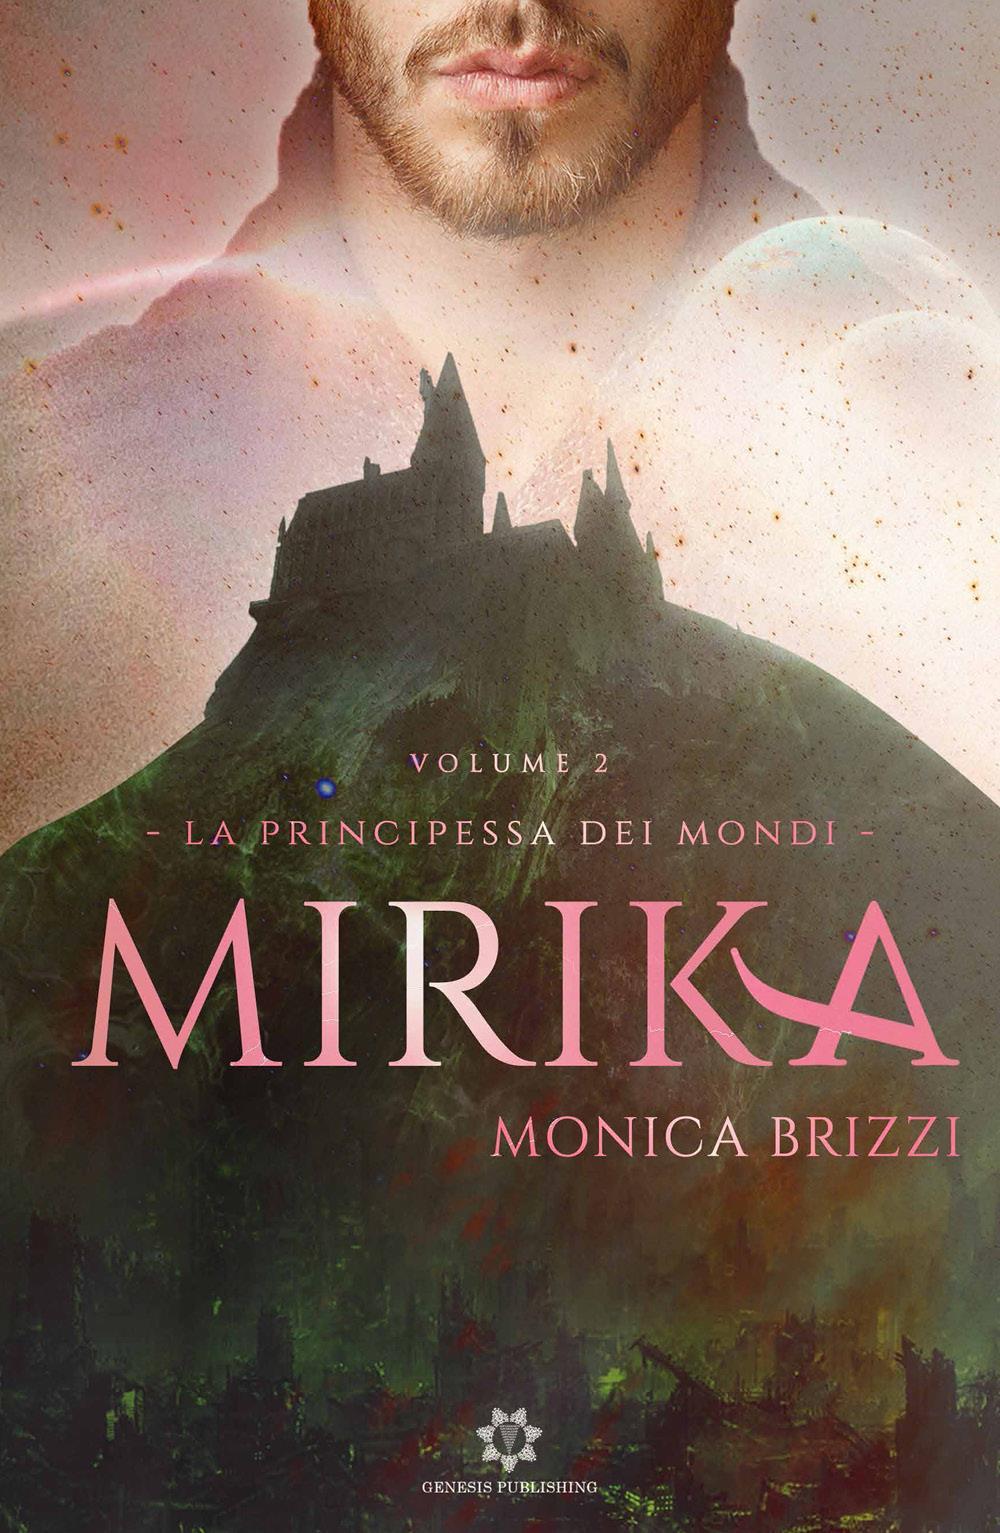 La Principessa dei Mondi Mirika